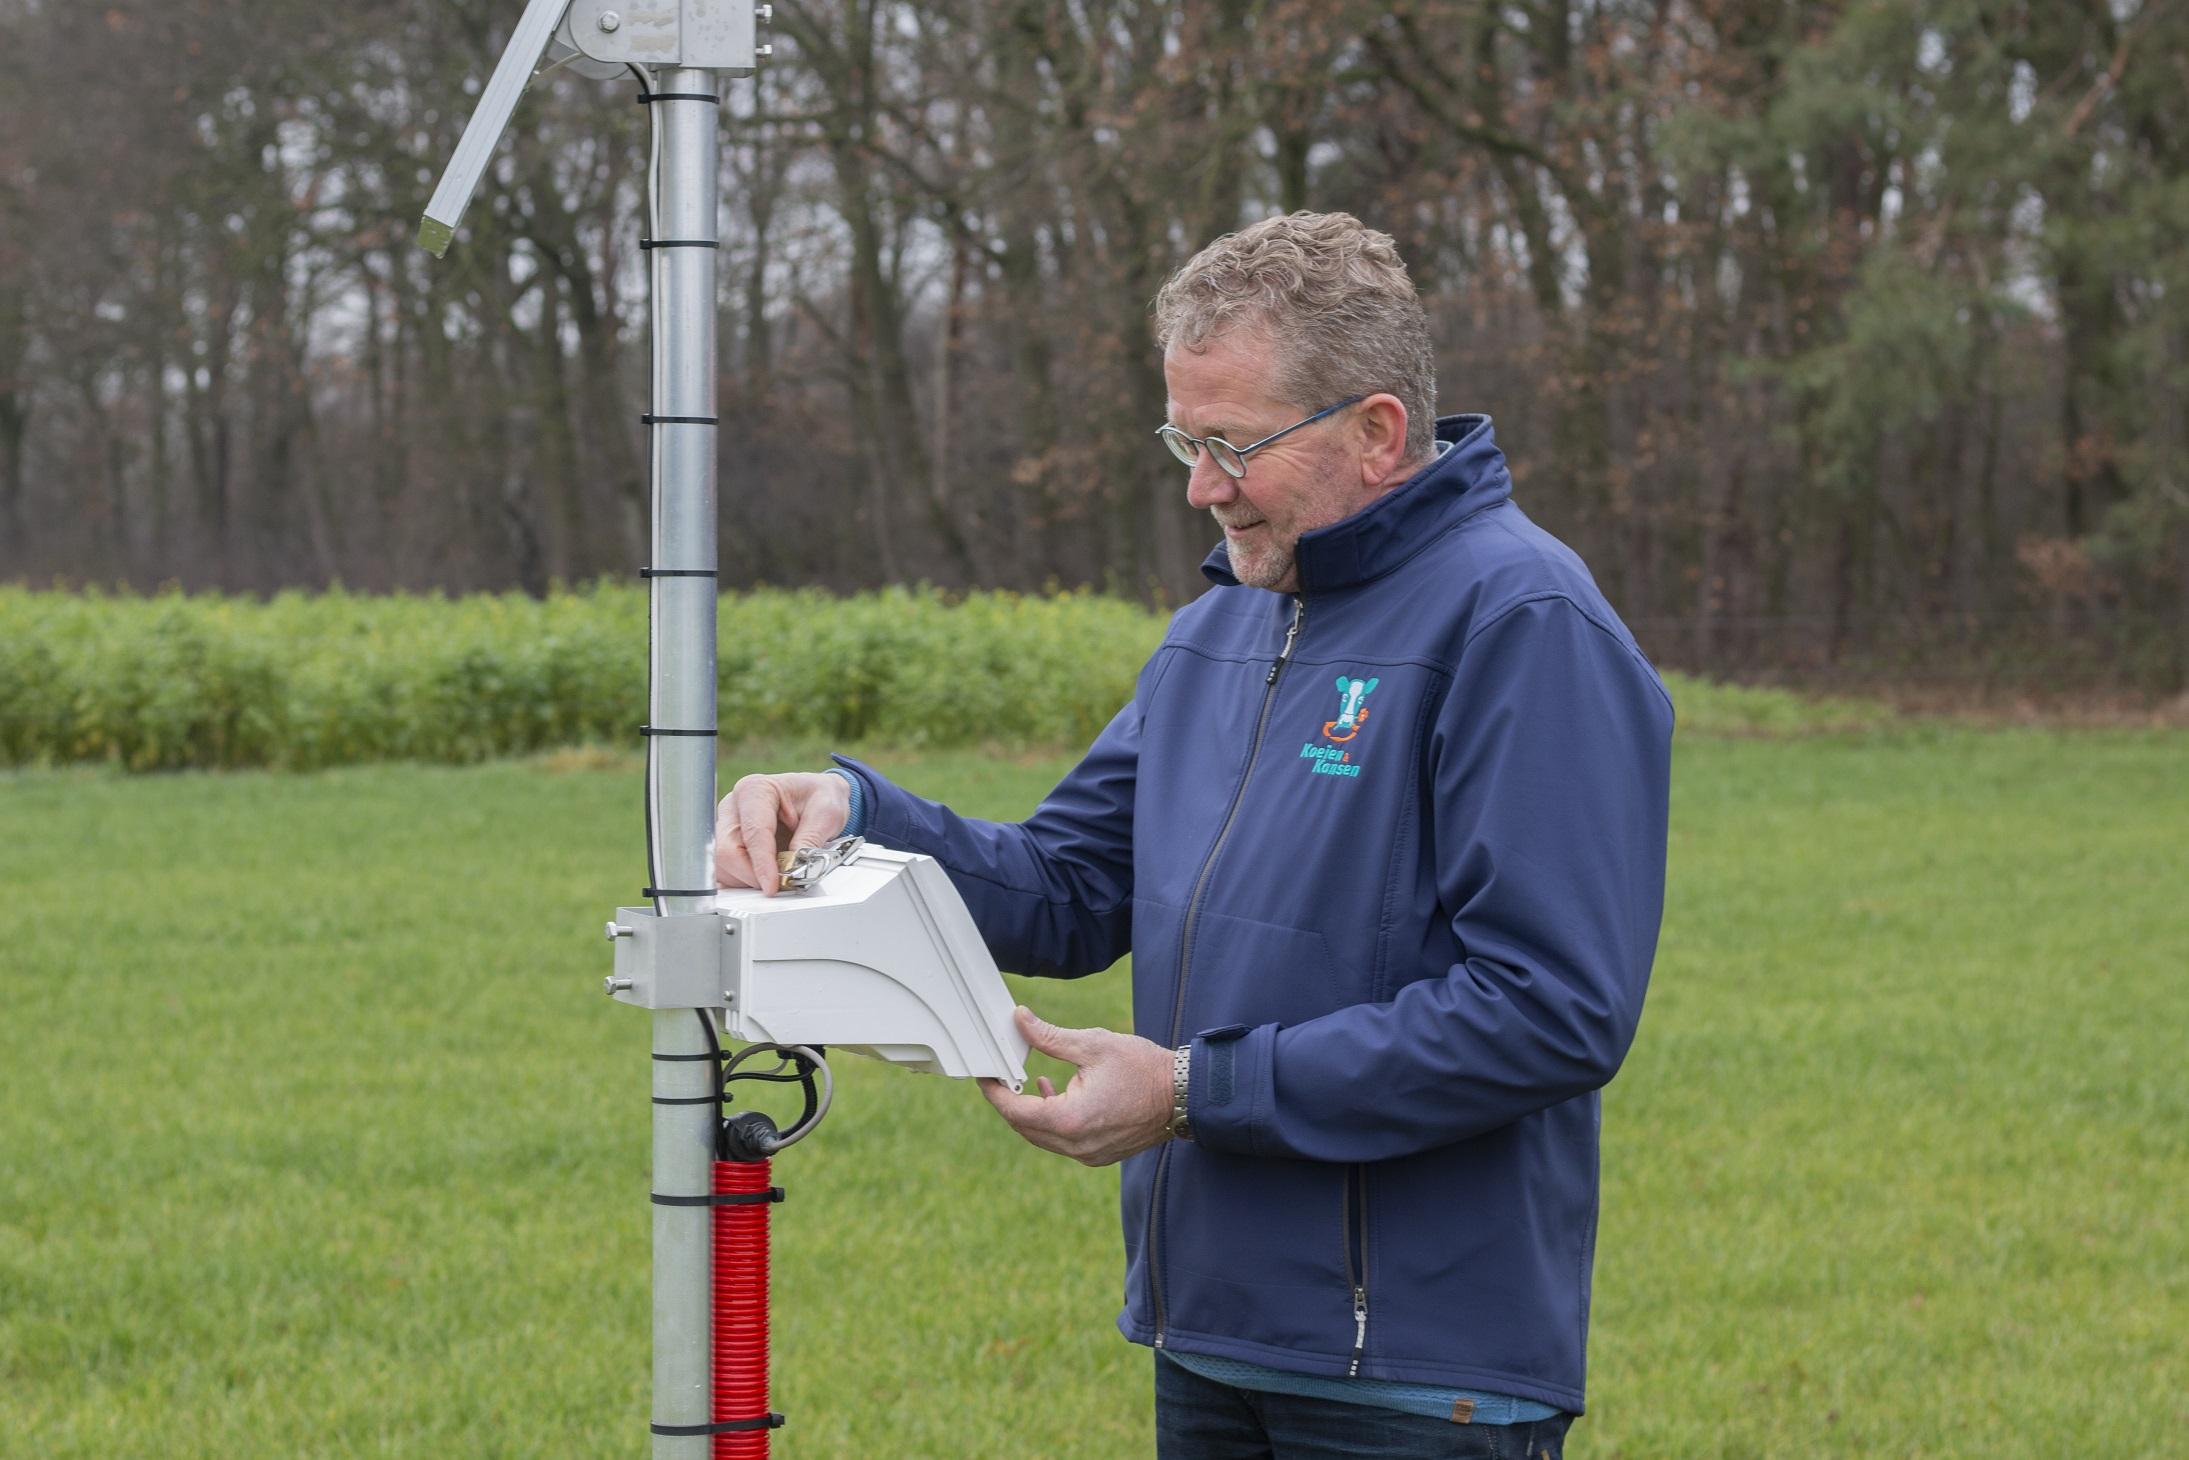 Zwier van der Vegte, Melkveeproefbedrijf De Marke, Hengelo (Gld.) Zwier met sensor.